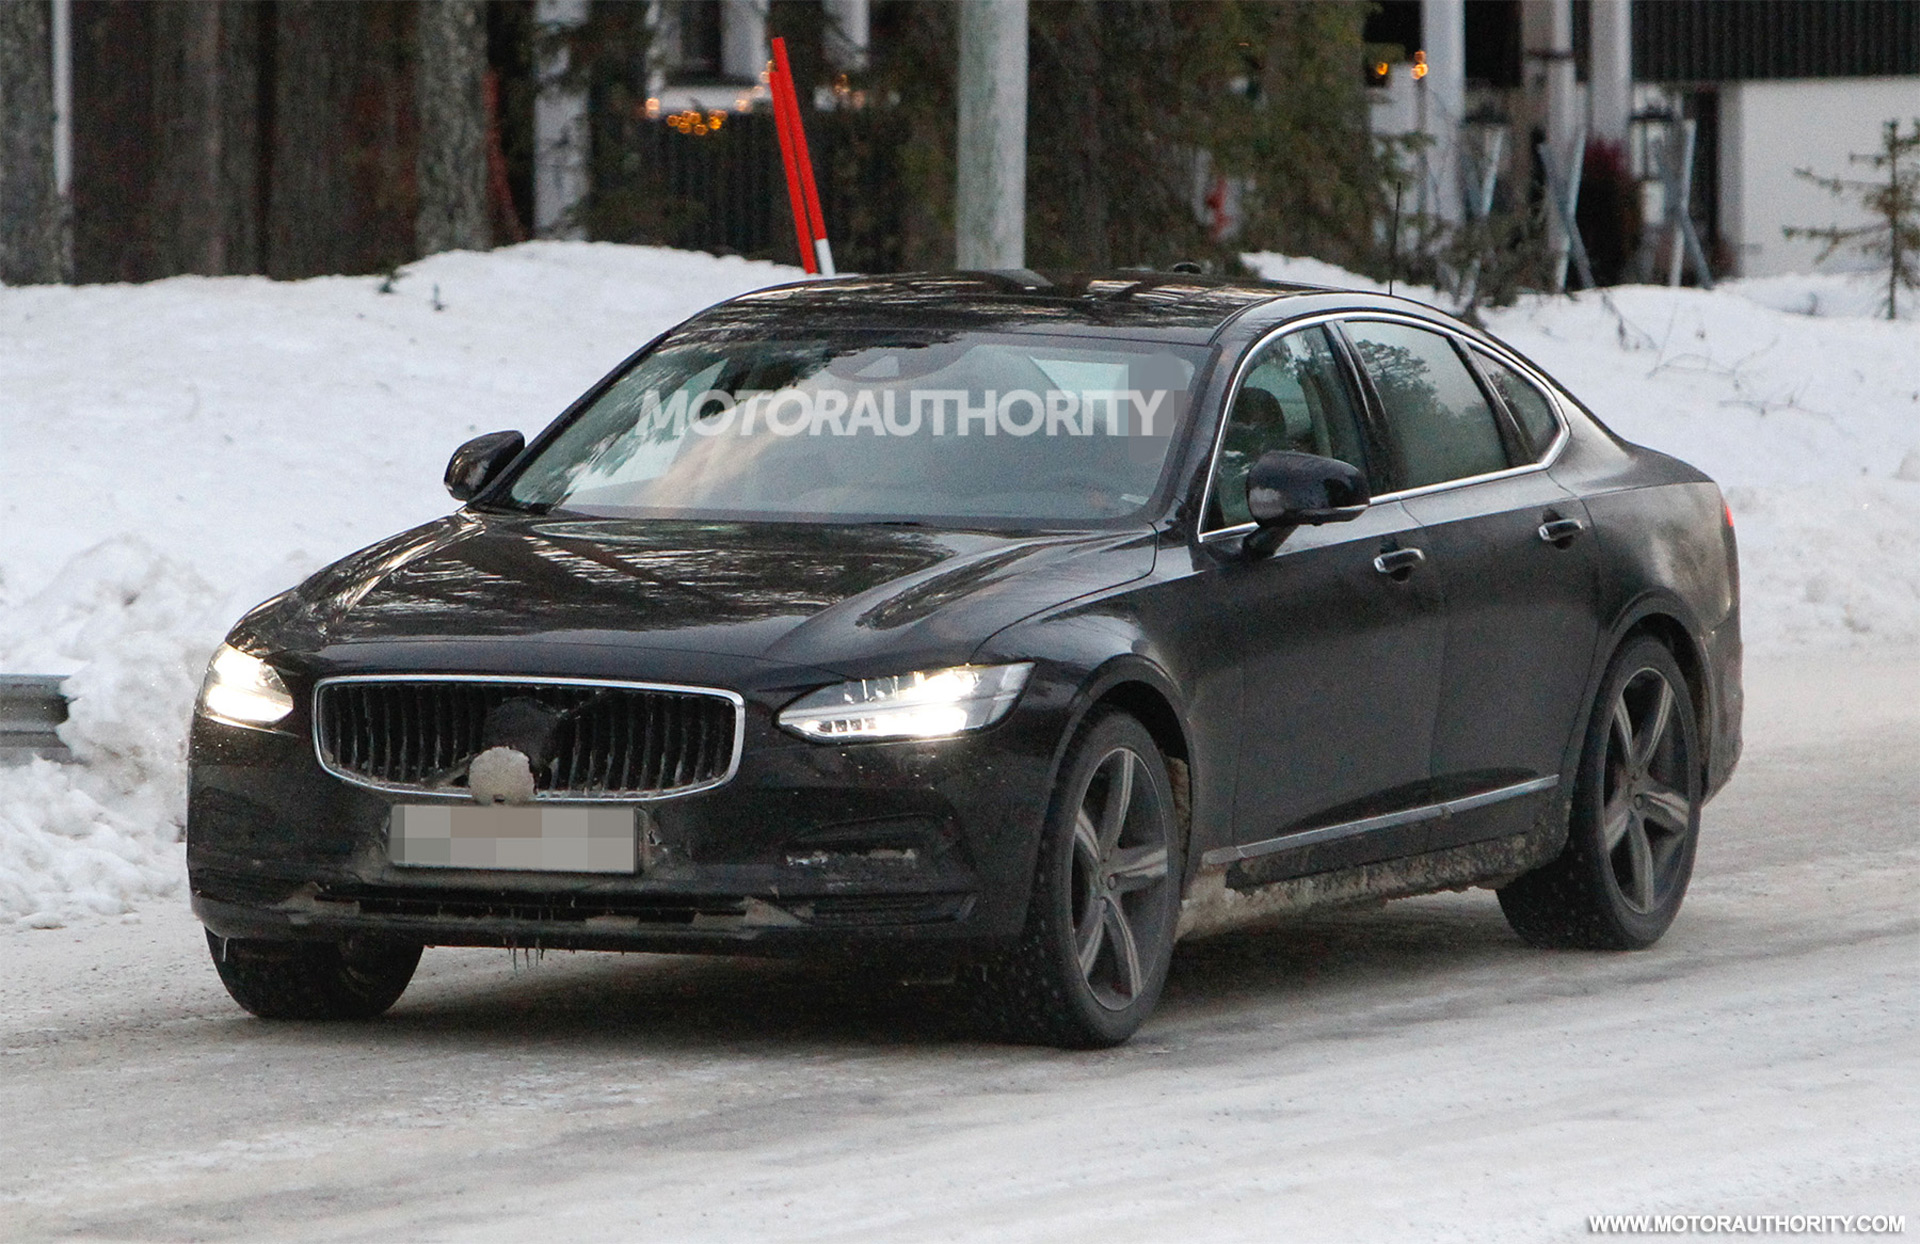 2021 Volvo S90 spy shots